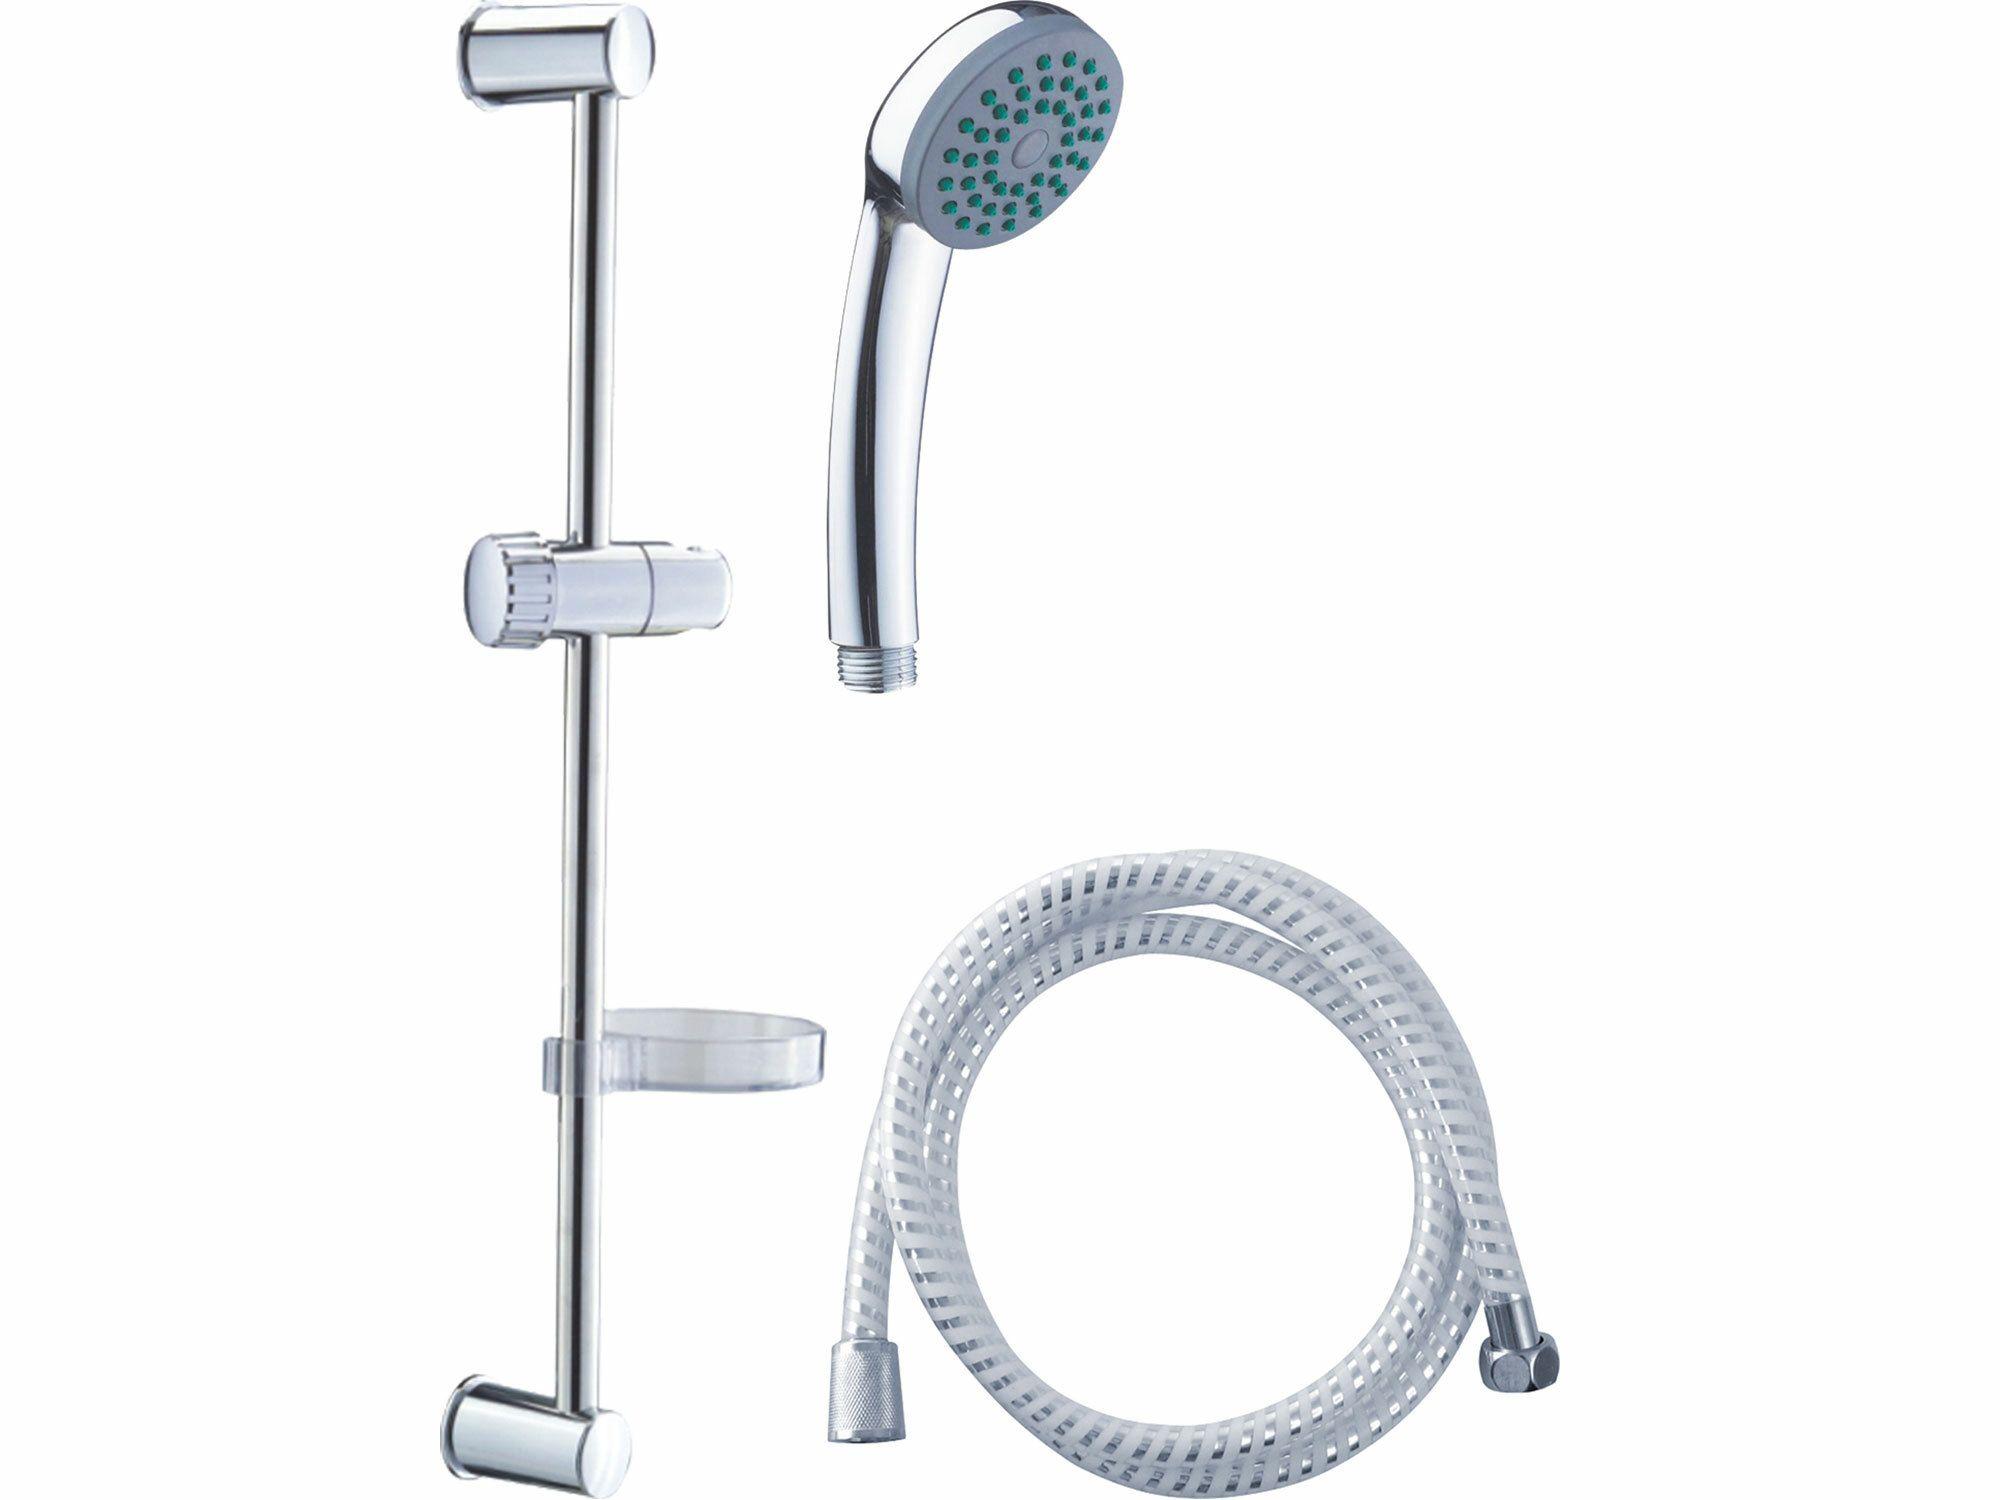 Sada sprchová velká, 3funkční hlavice, držák na sp., hadice, držák na mýdlo, tyč, VIKING